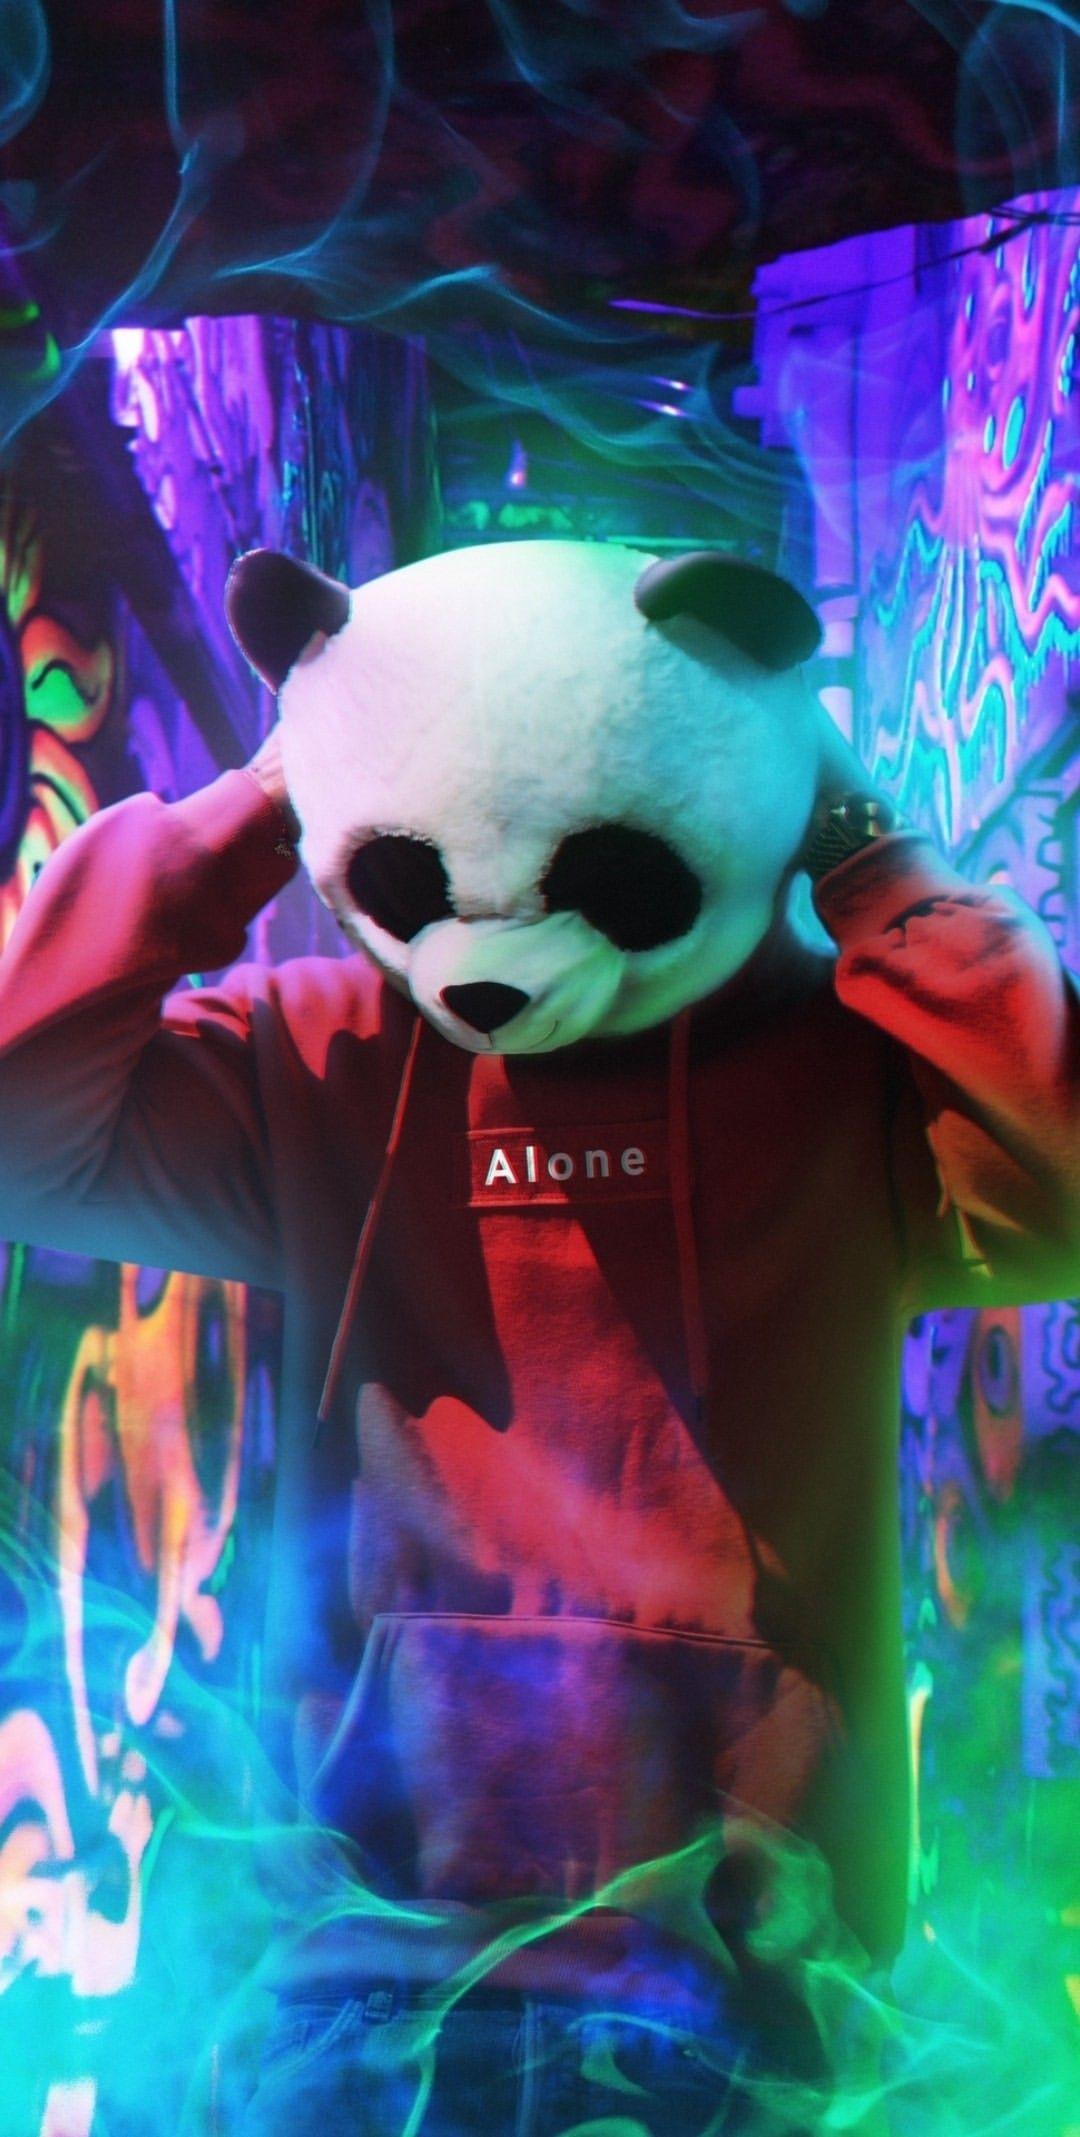 Wallpaper Cute Panda Wallpaper Panda Art Panda Wallpaper Iphone